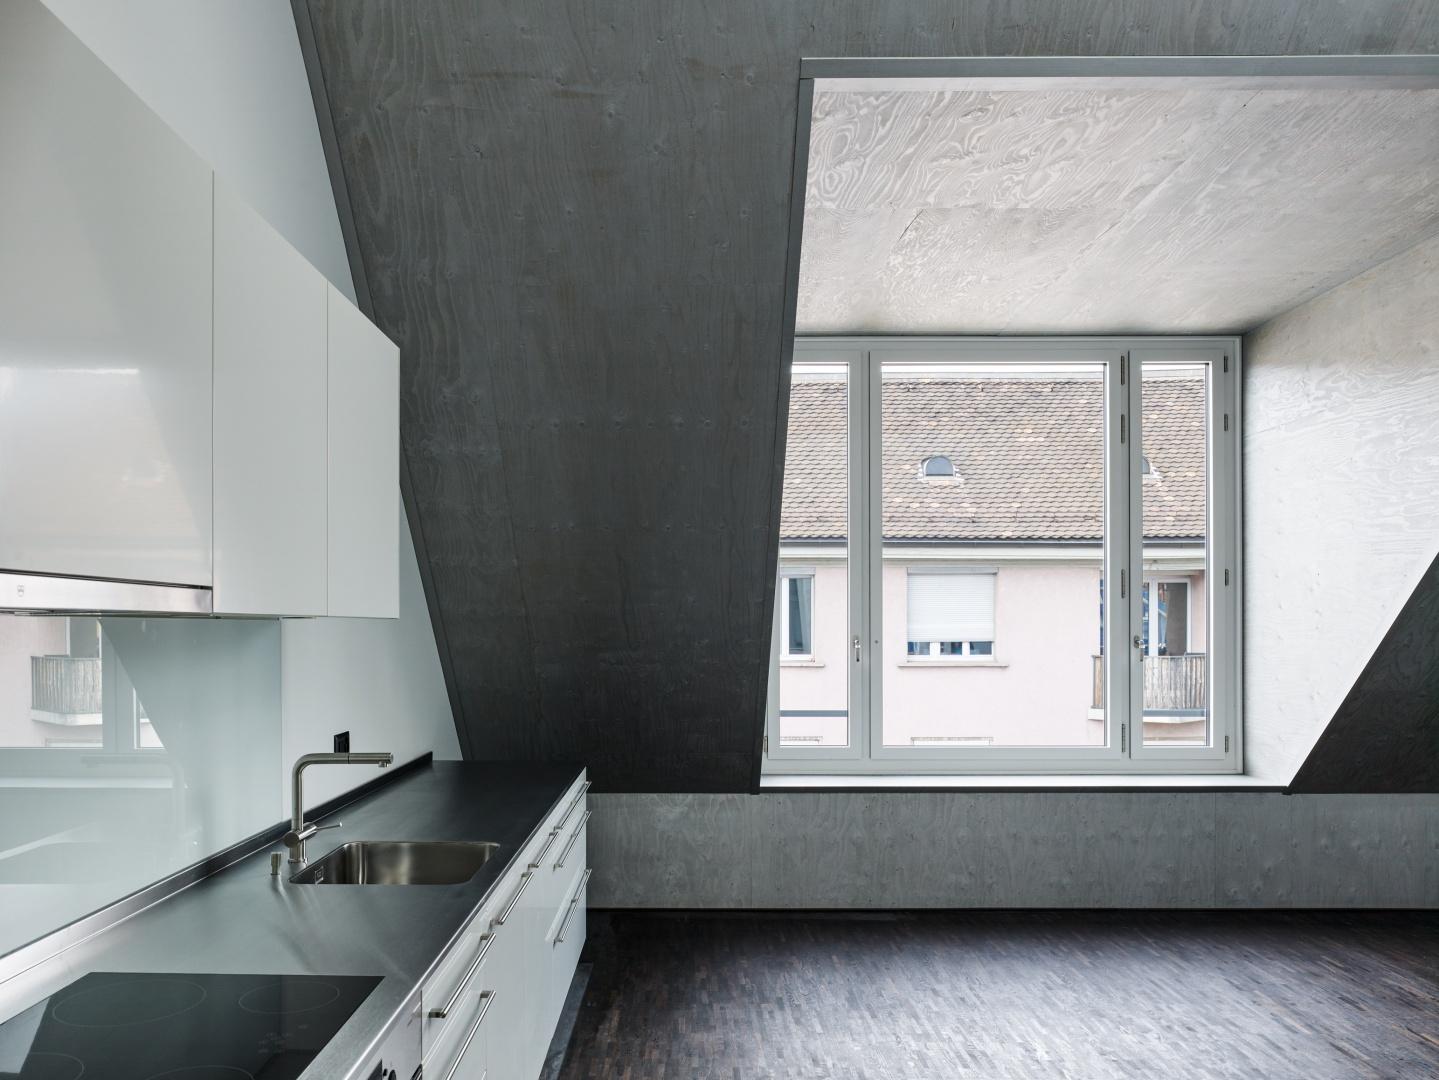 Wohnung 4.OG © Georg Aerni, Sihlquai 268. CH-8005 Zürich